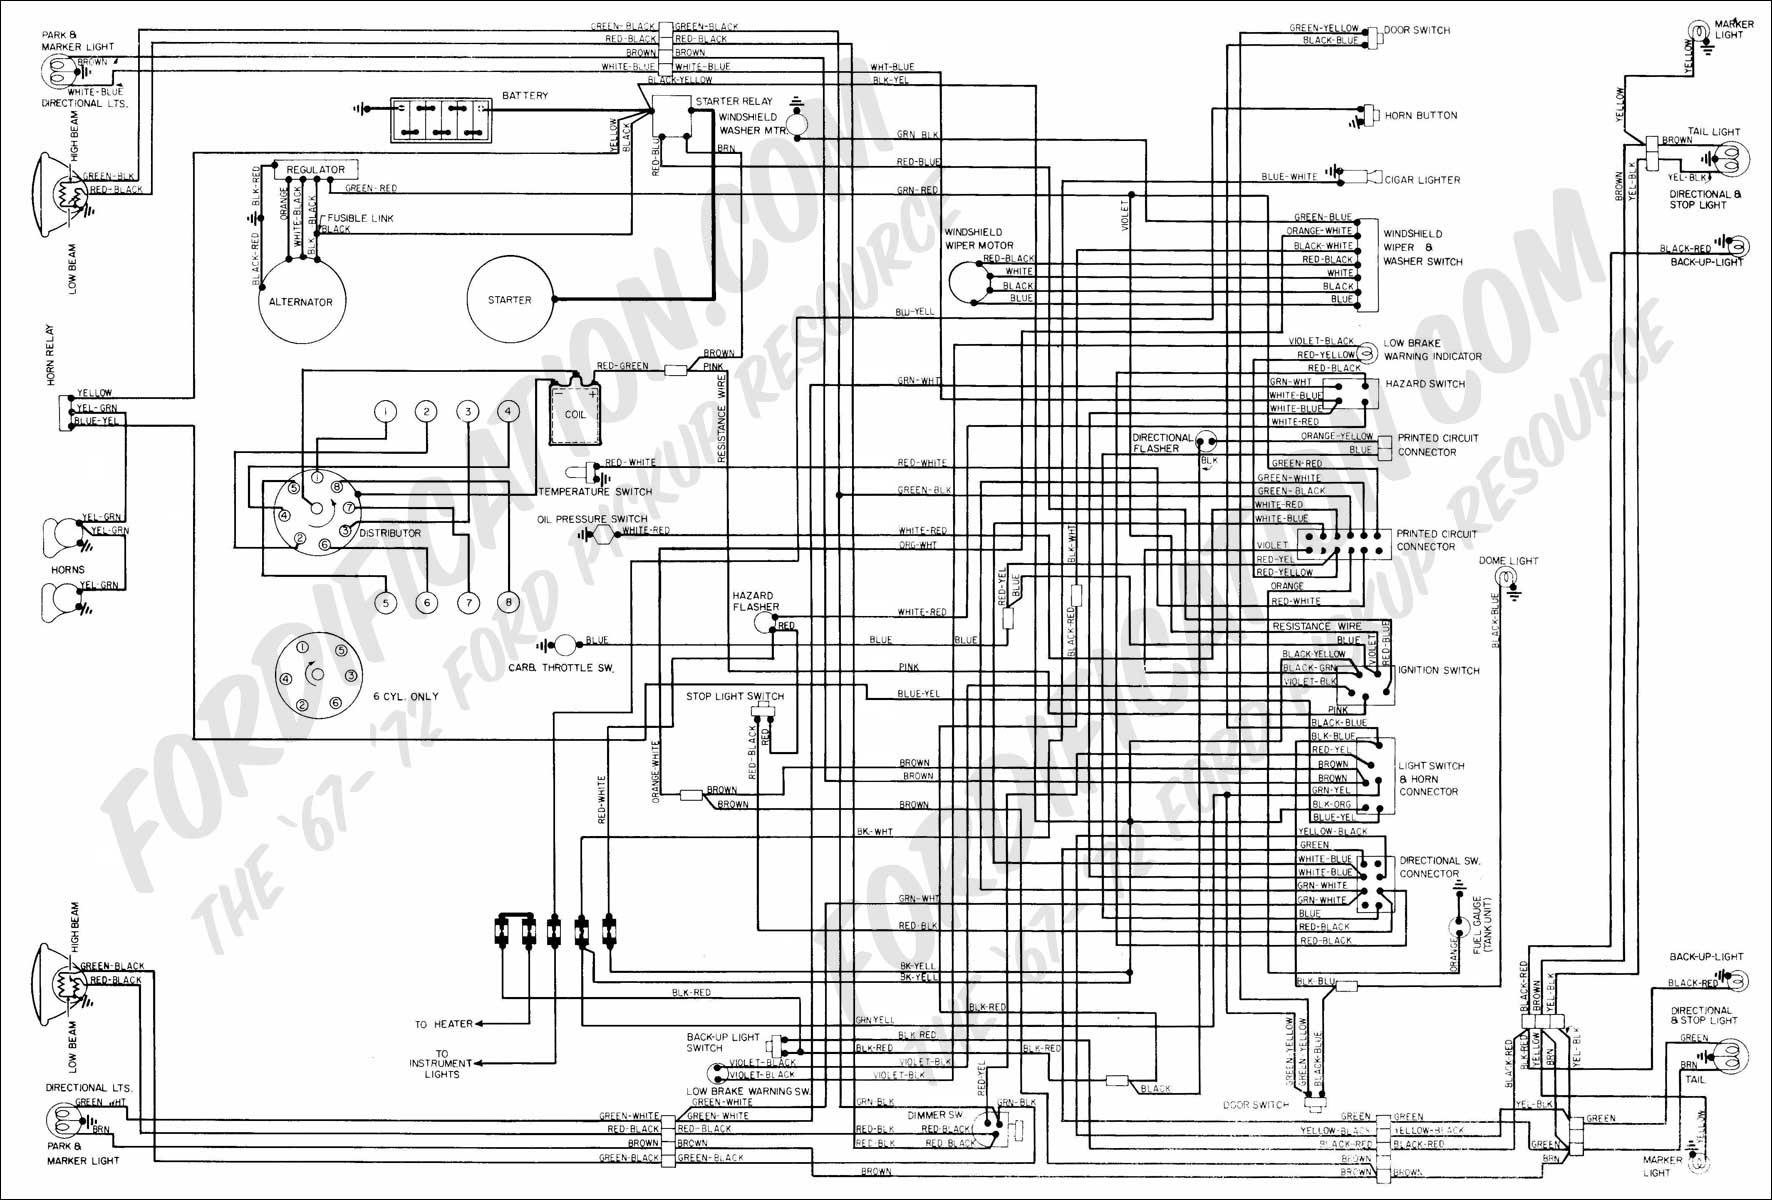 Fine F150 Wiring Schematic Basic Electronics Wiring Diagram Wiring Cloud Counpengheilarigresichrocarnosporgarnagrebsunhorelemohammedshrineorg